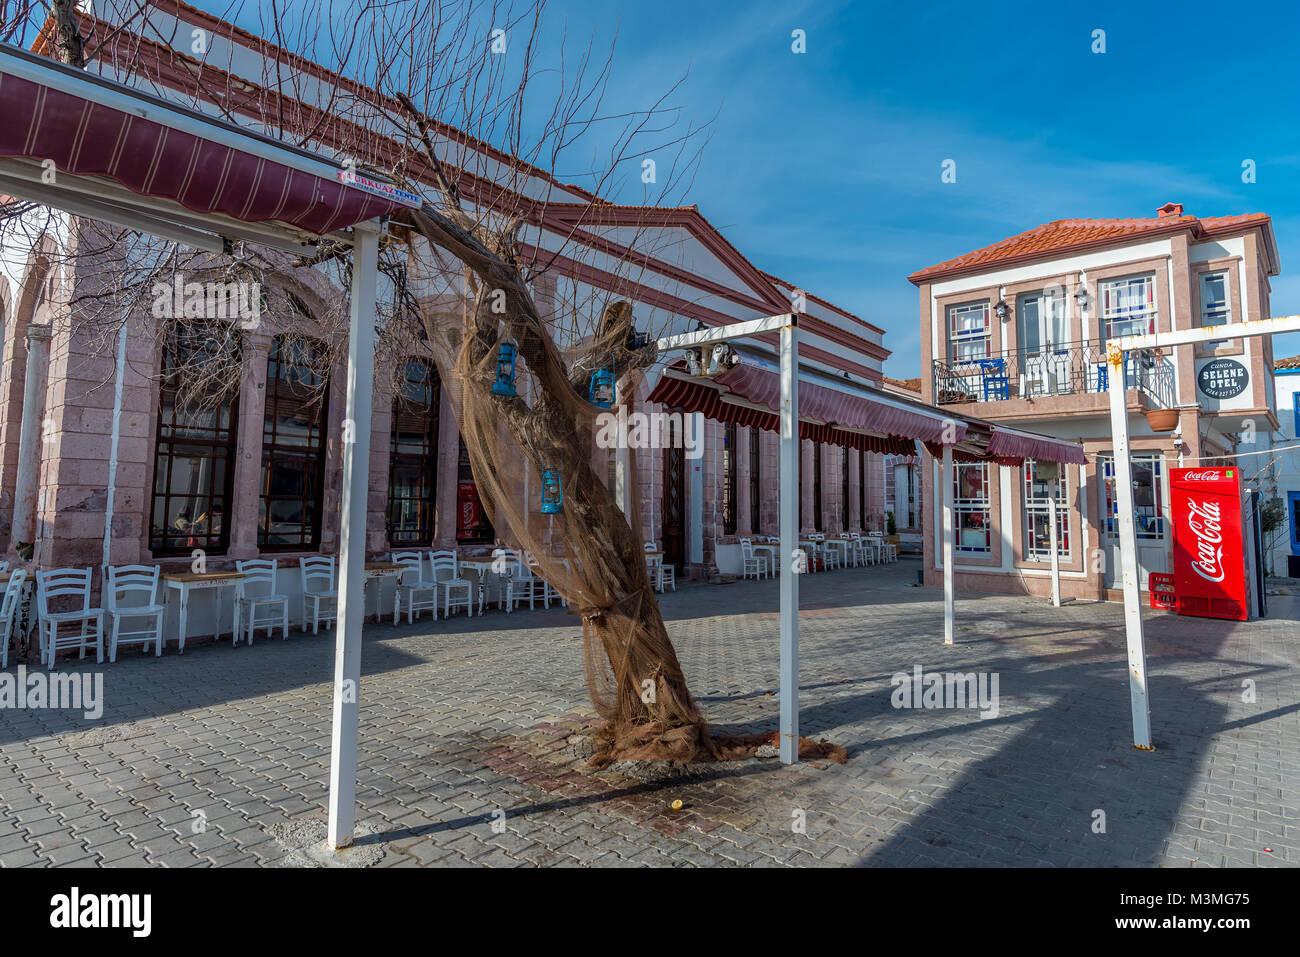 yvalık, Balıkesir Province, Turkey. Tas cafee - Stock Image